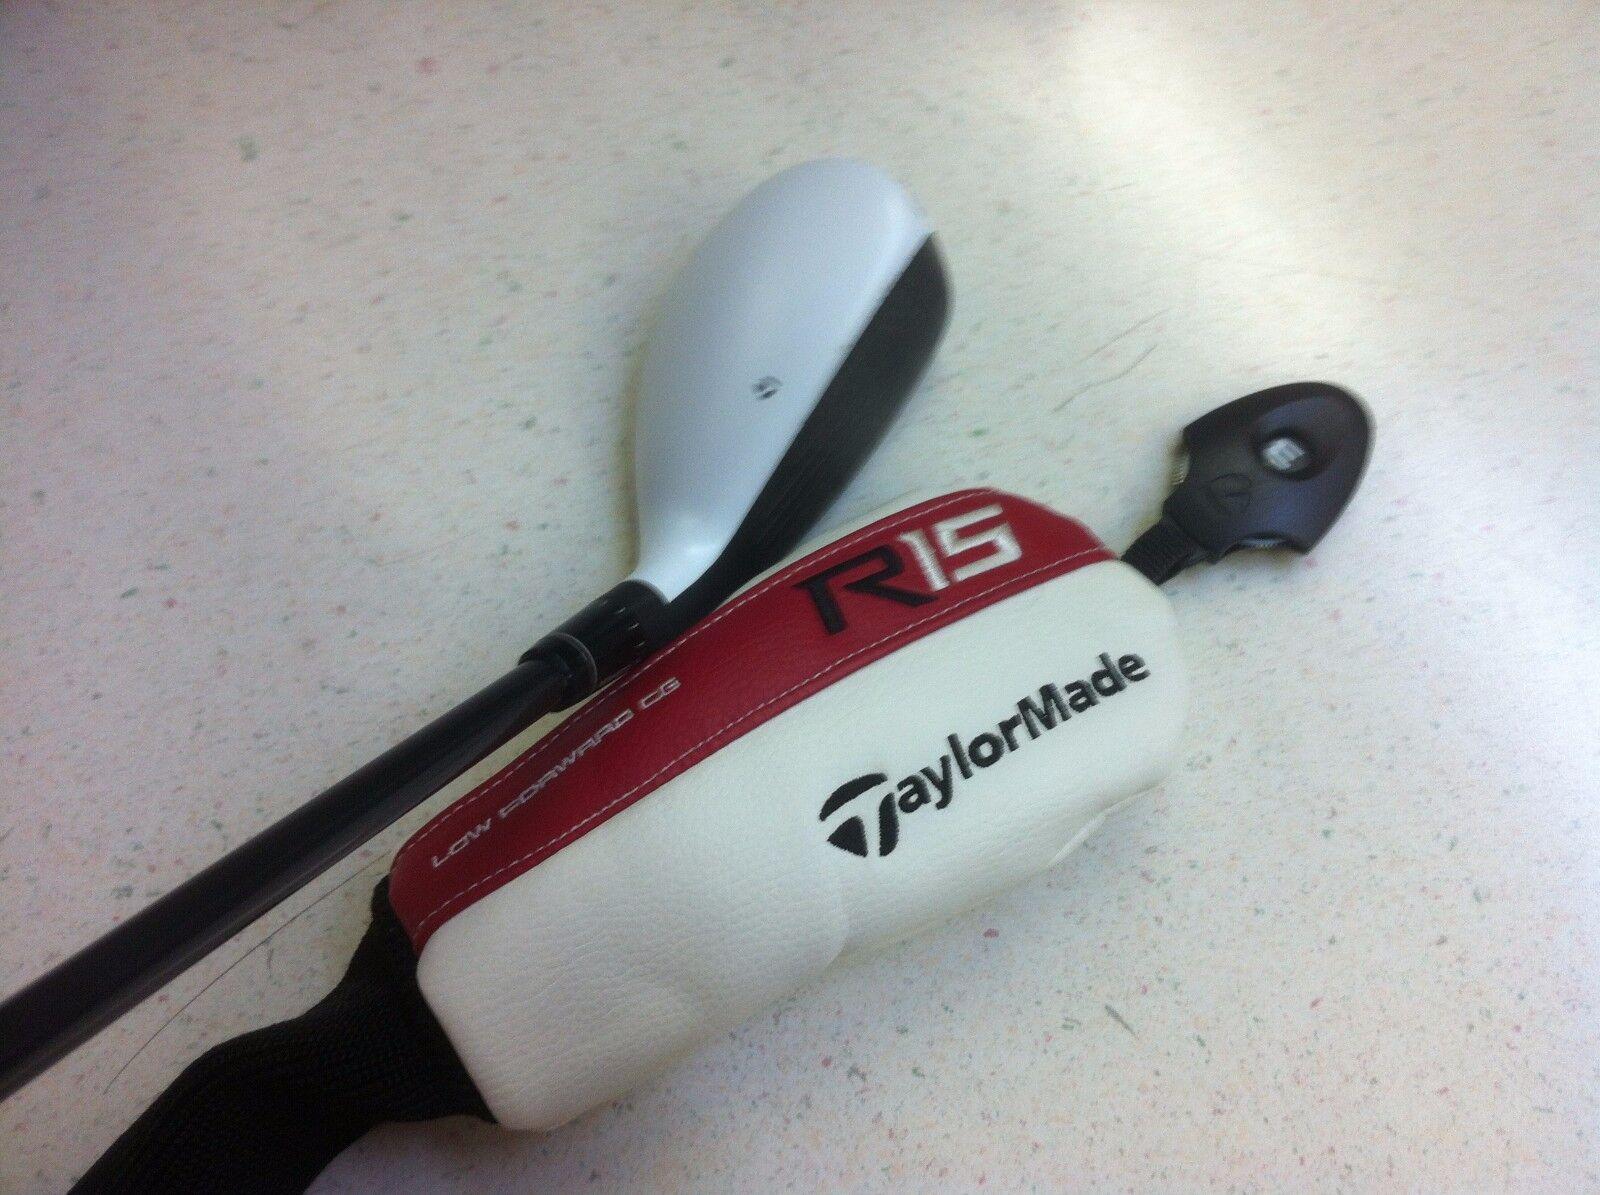 Taylormade R15   3 híbrido utilizado, LH, 19 , S-Flex, Fujikura Speeder 77 evolución, Muy Buen Estado  nuevo sádico